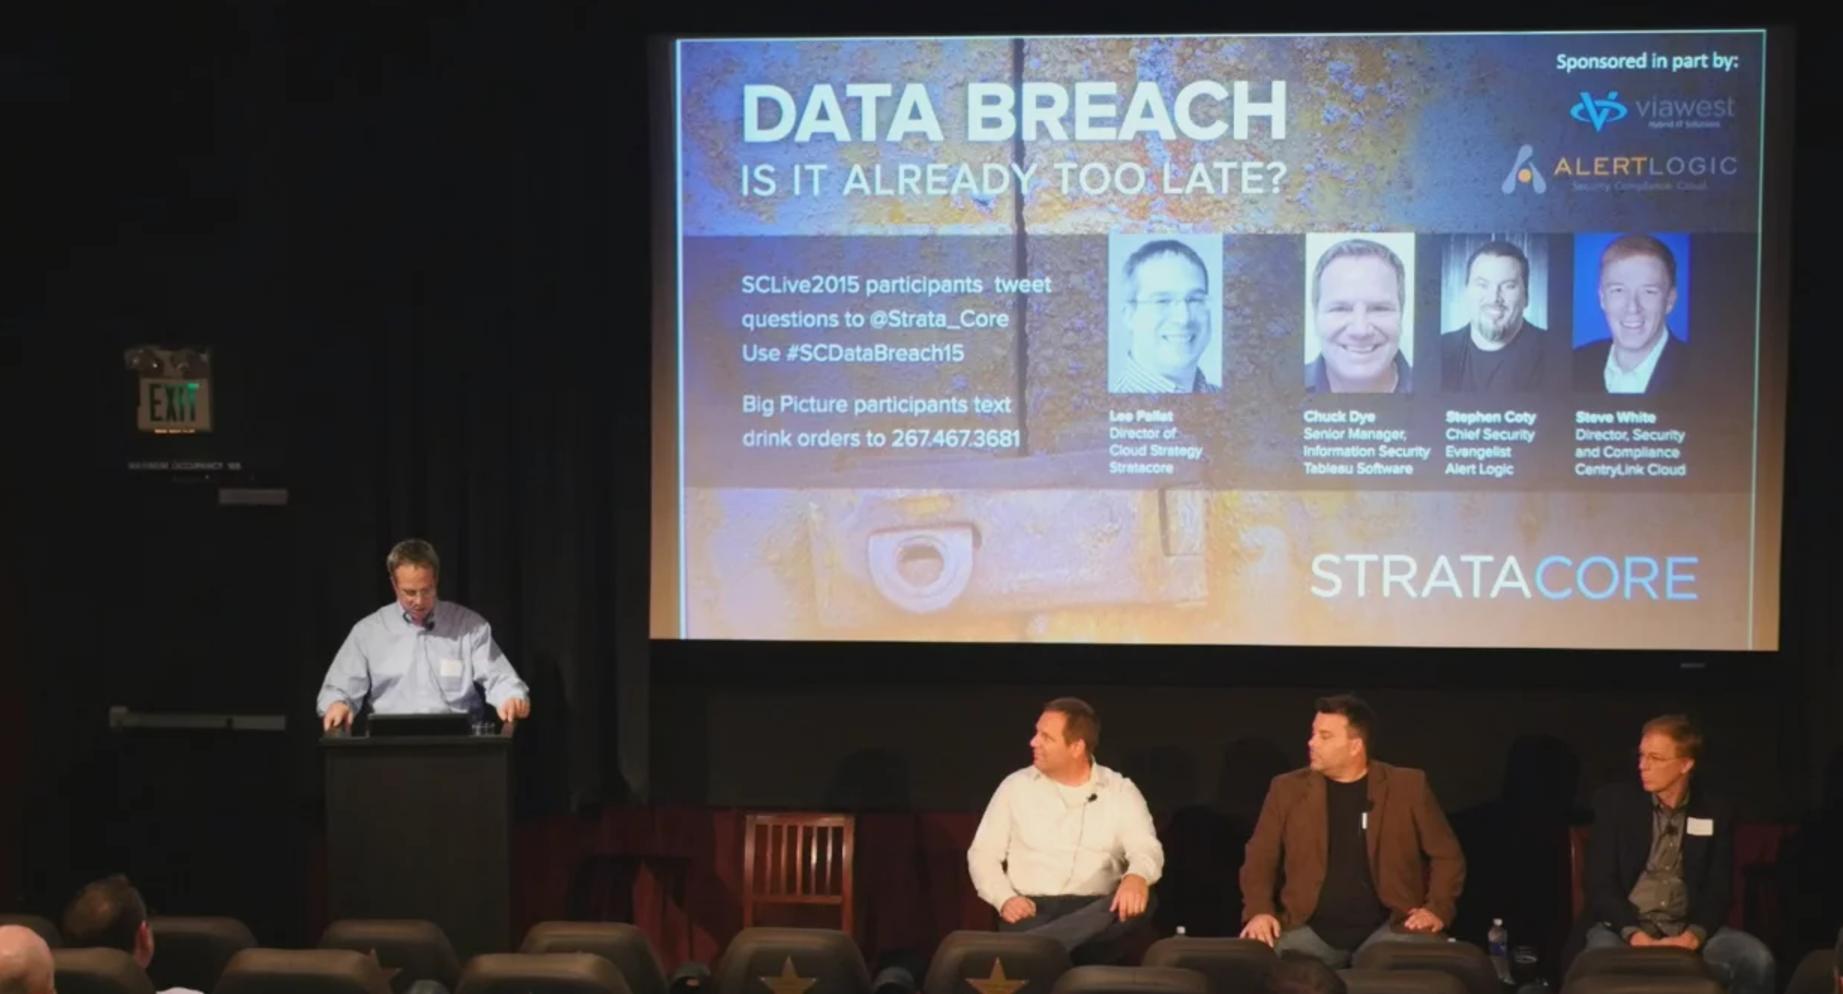 Data Breach panel discussion